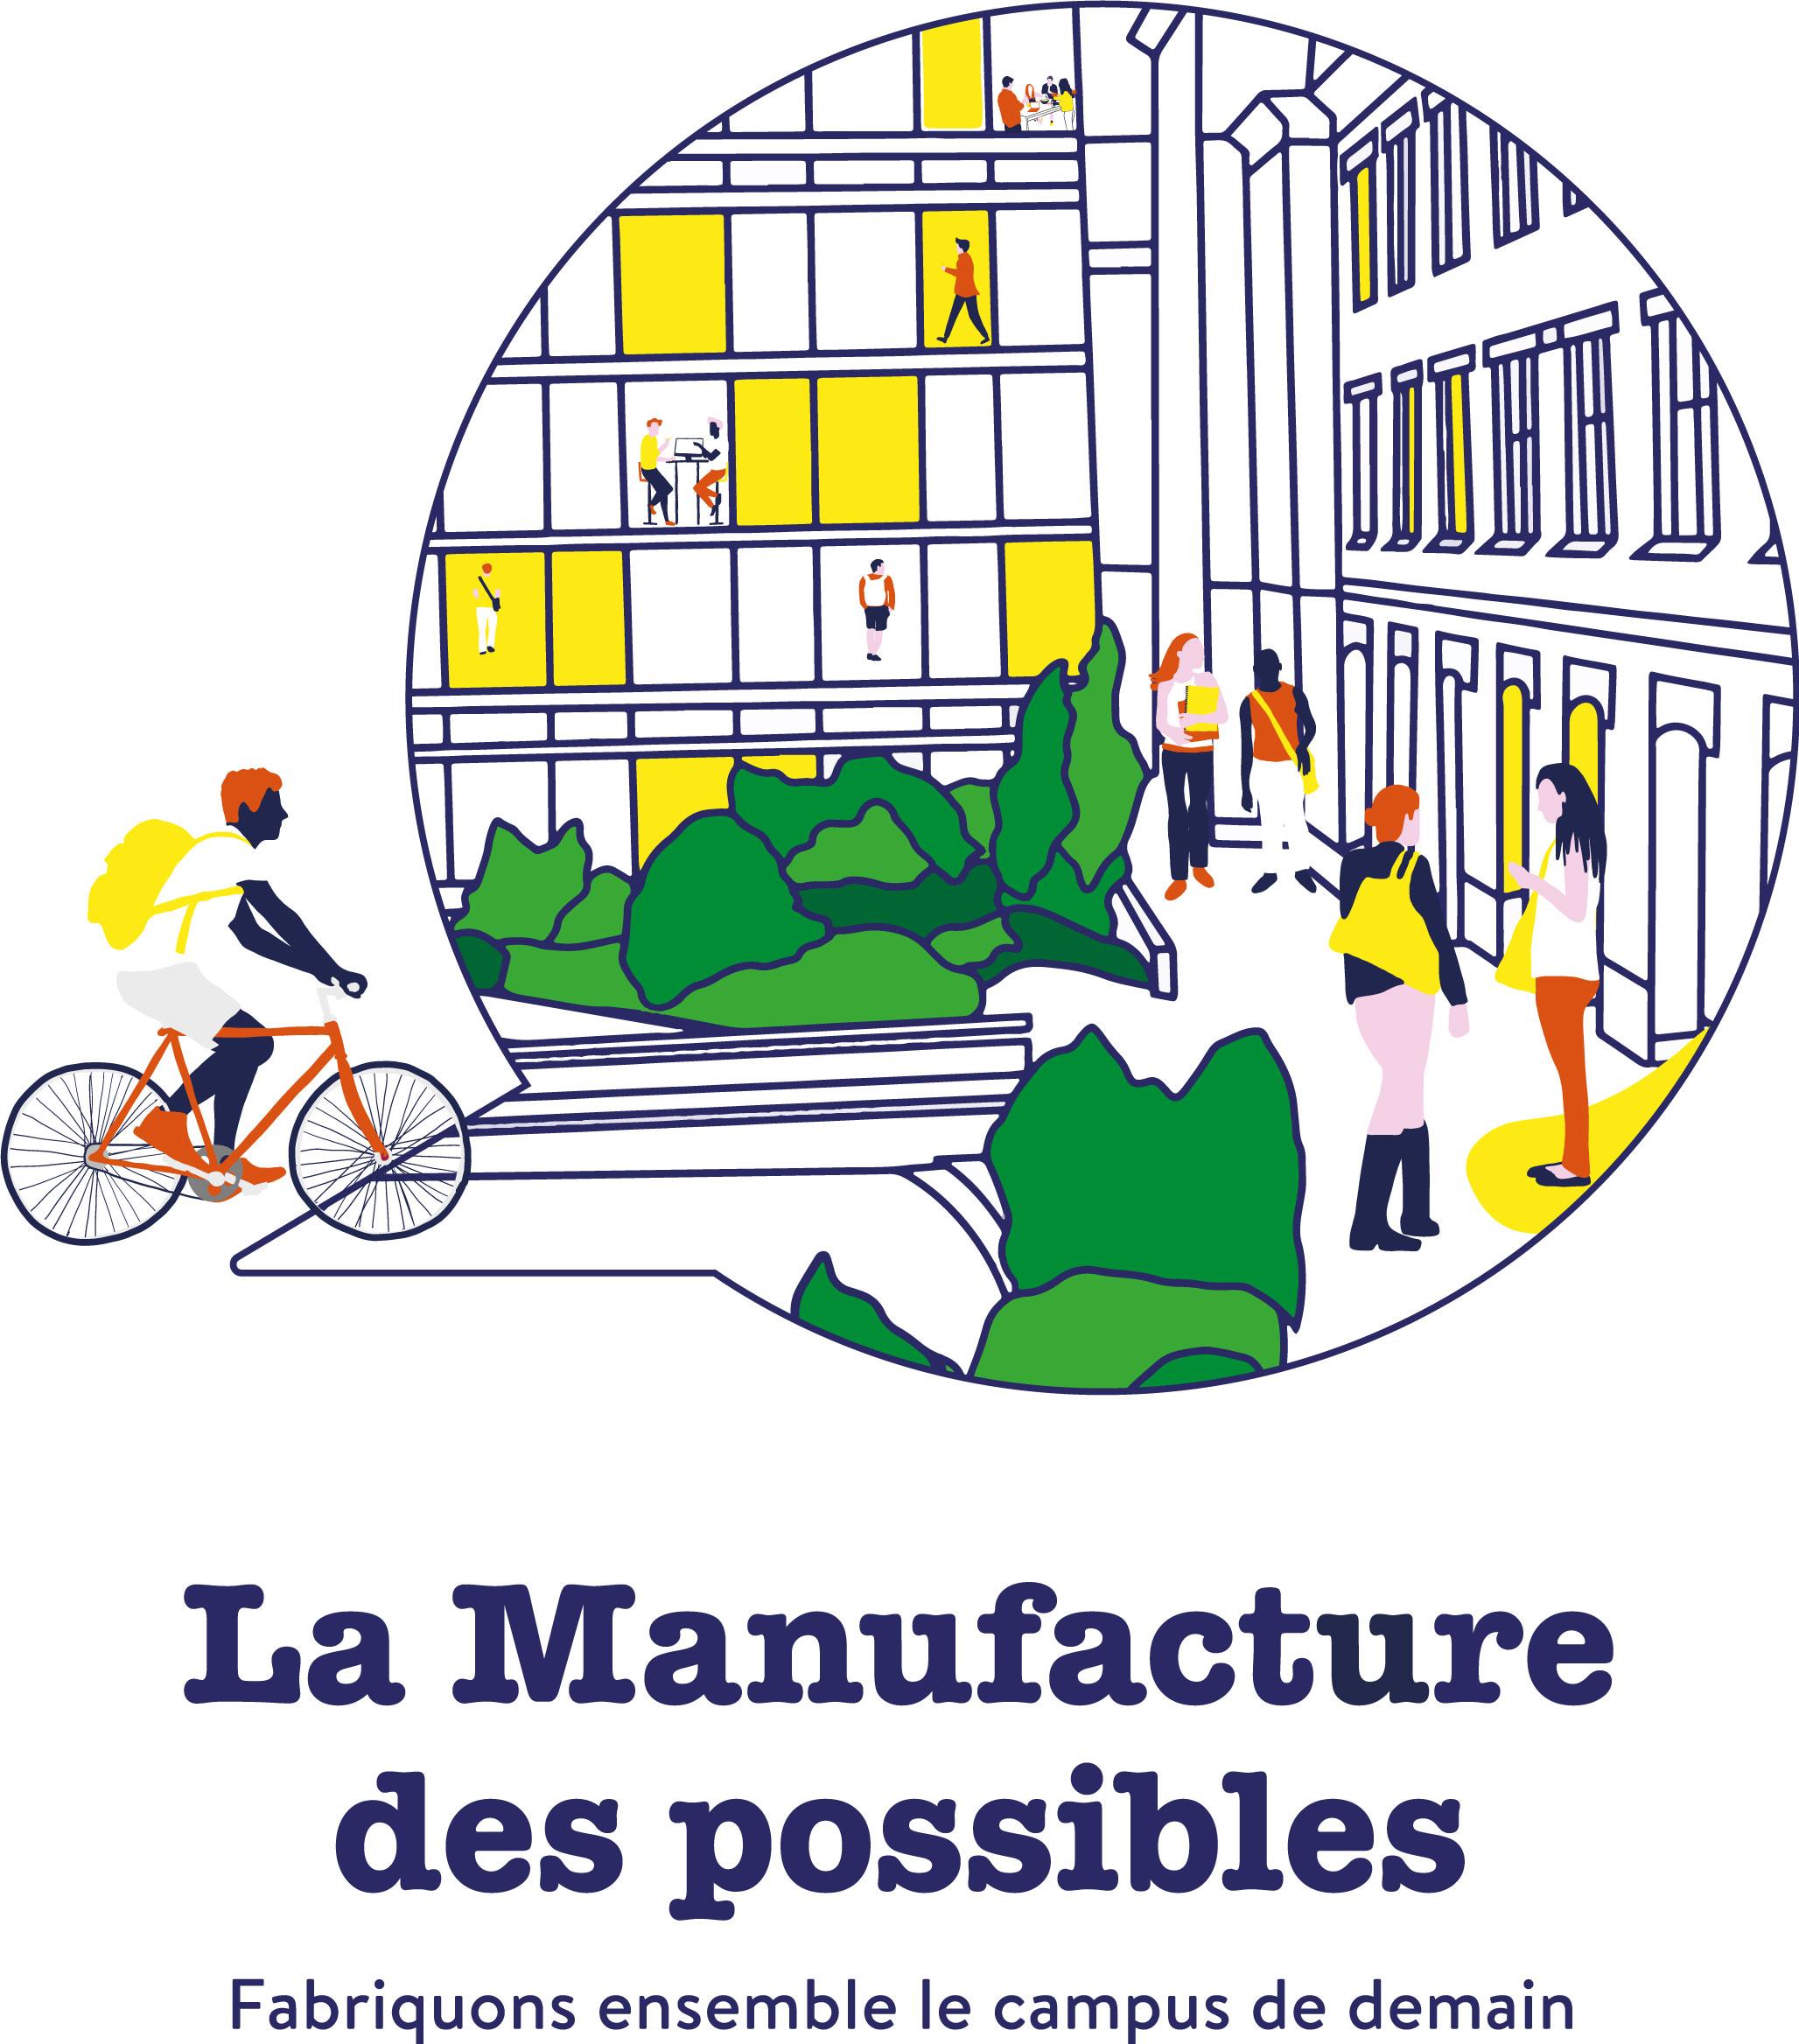 La manufacture des possibles